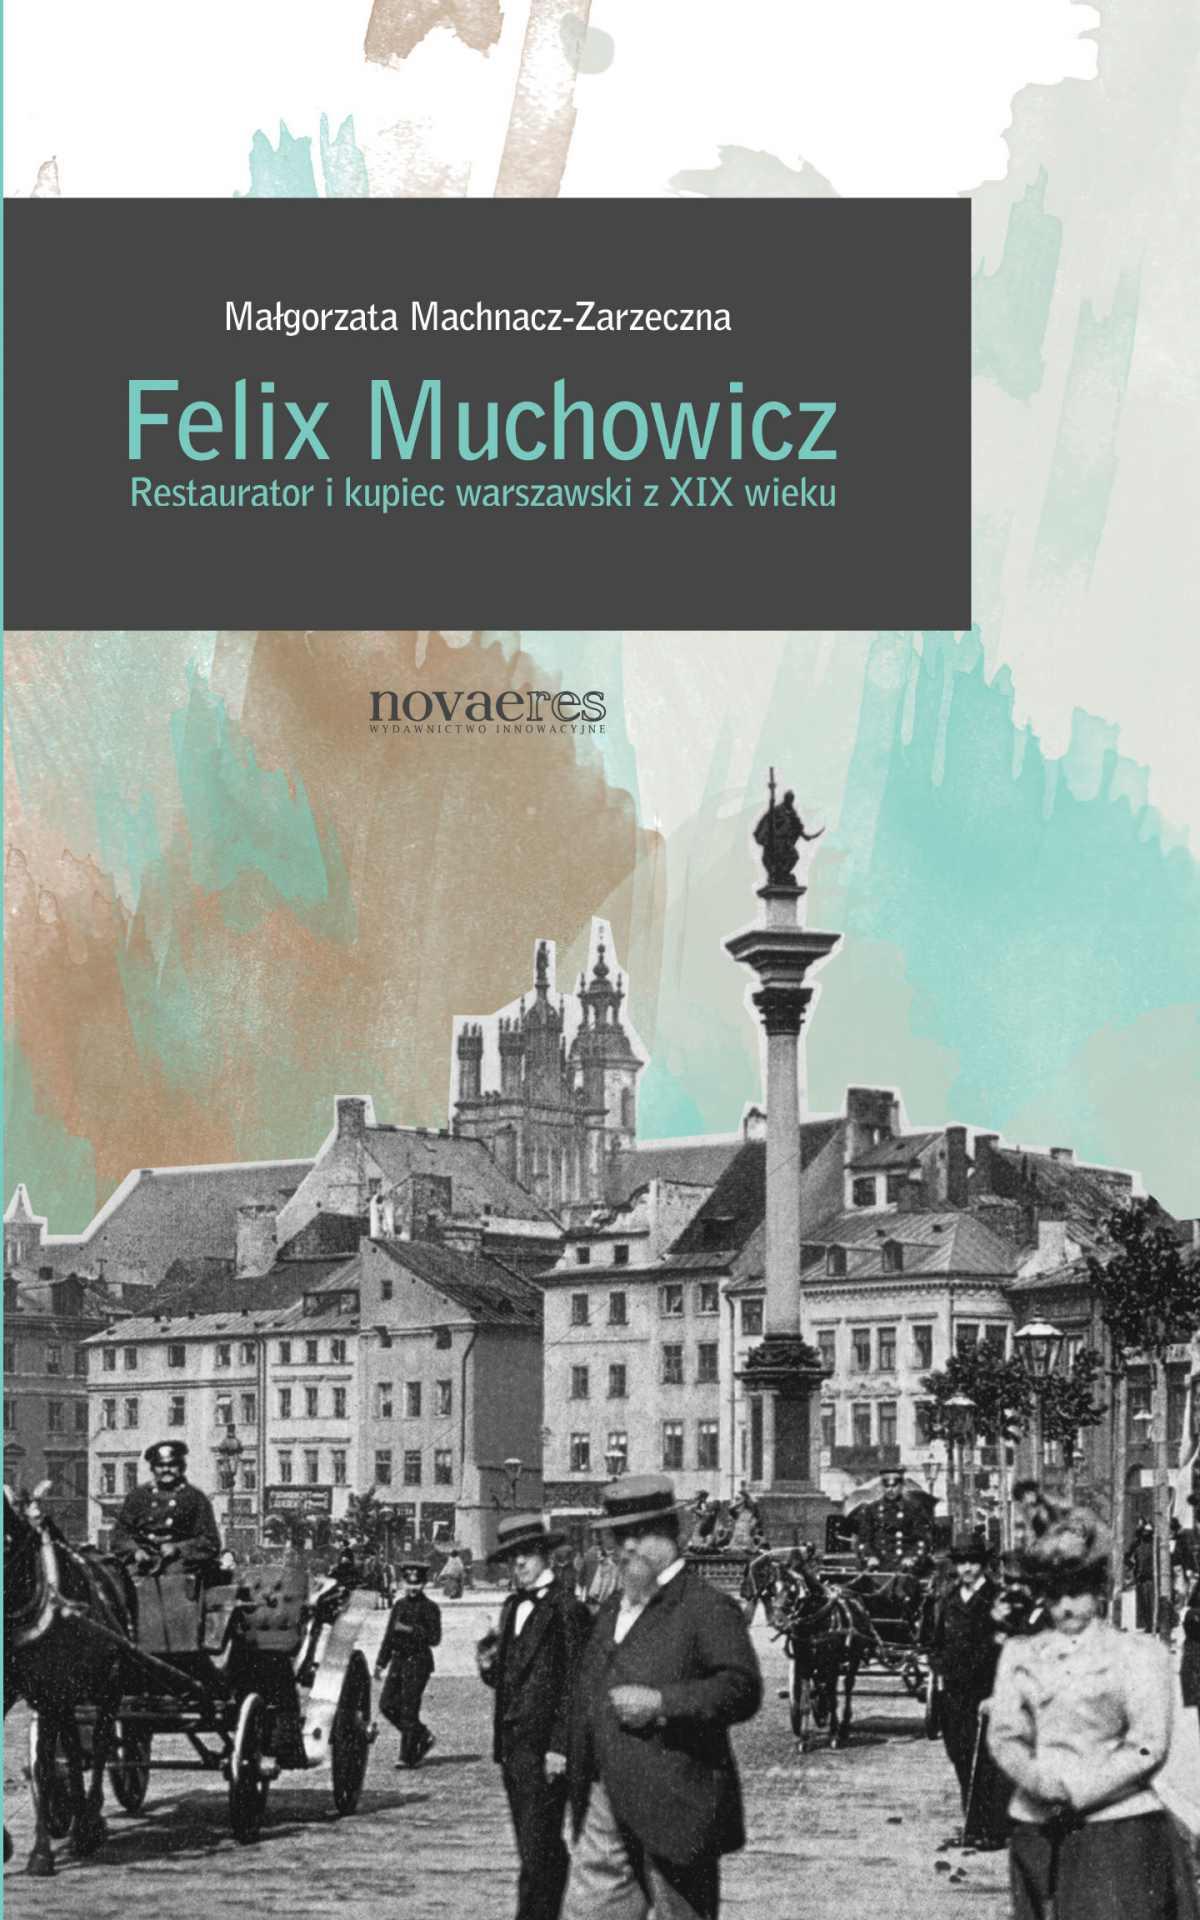 Felix Muchowicz. Kupiec i restaurator warszawski z XIX wieku - Ebook (Książka EPUB) do pobrania w formacie EPUB